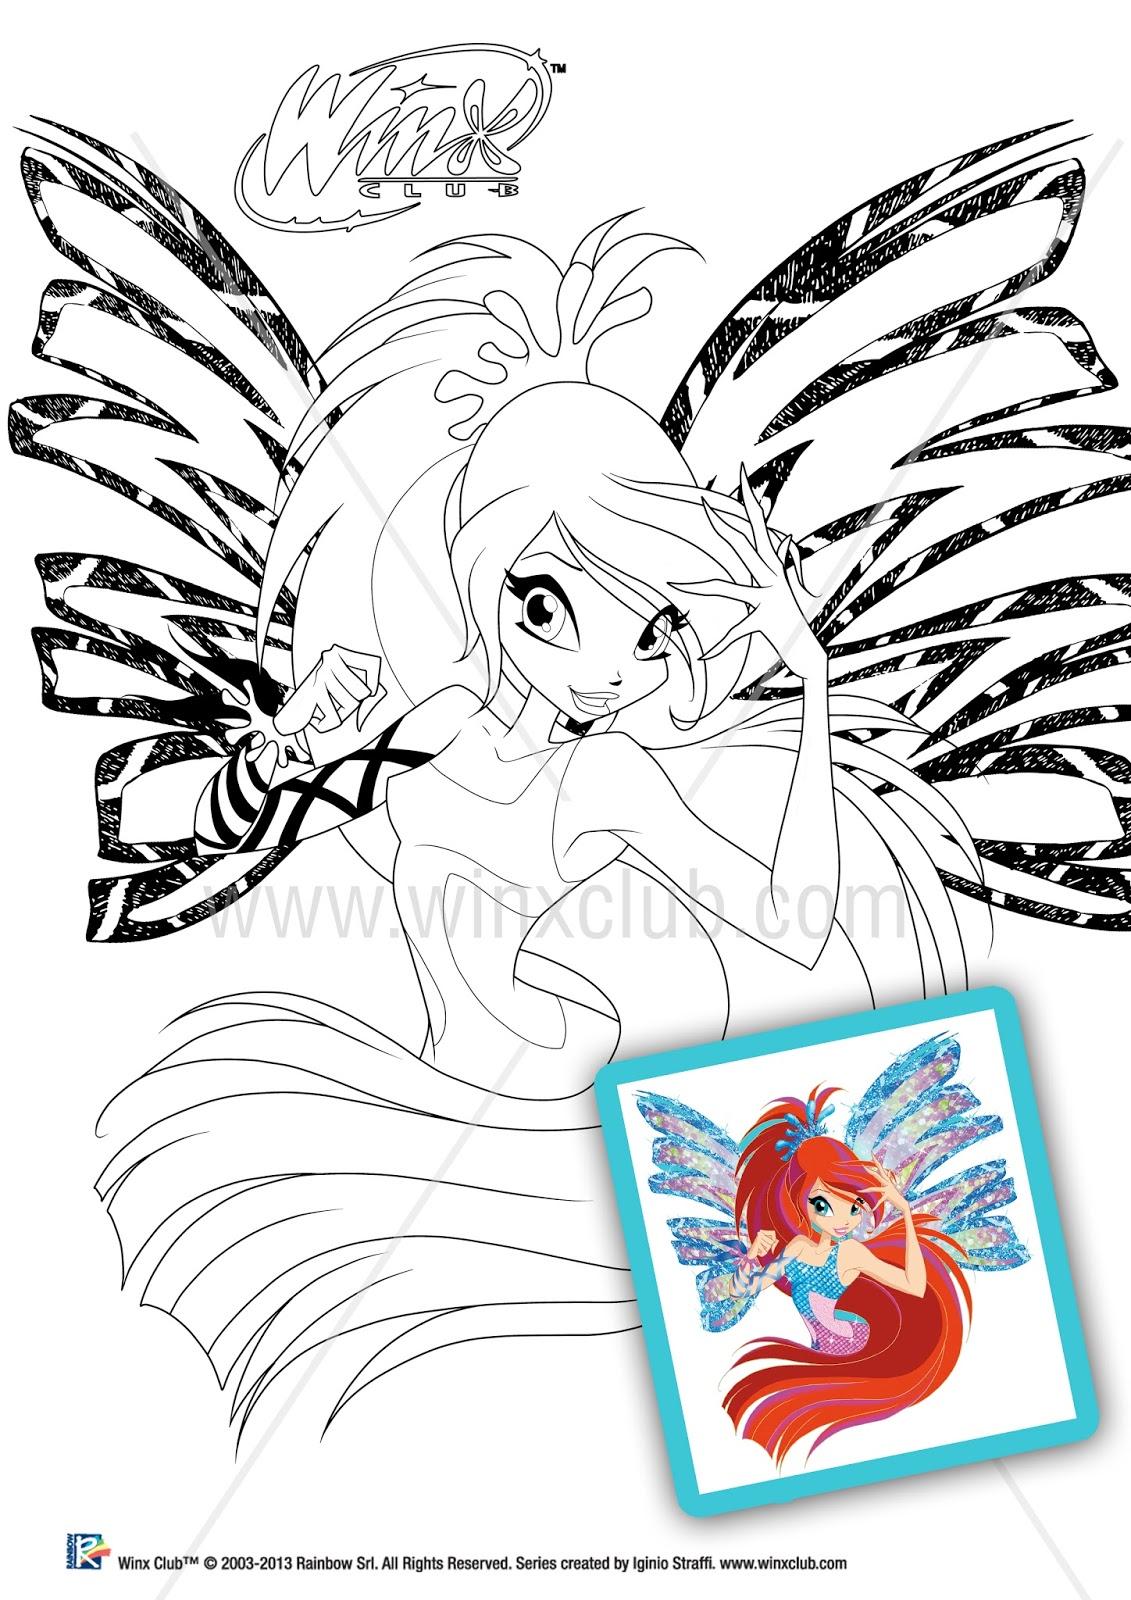 Winx para colorir Winx Club - imagens para colorir winks